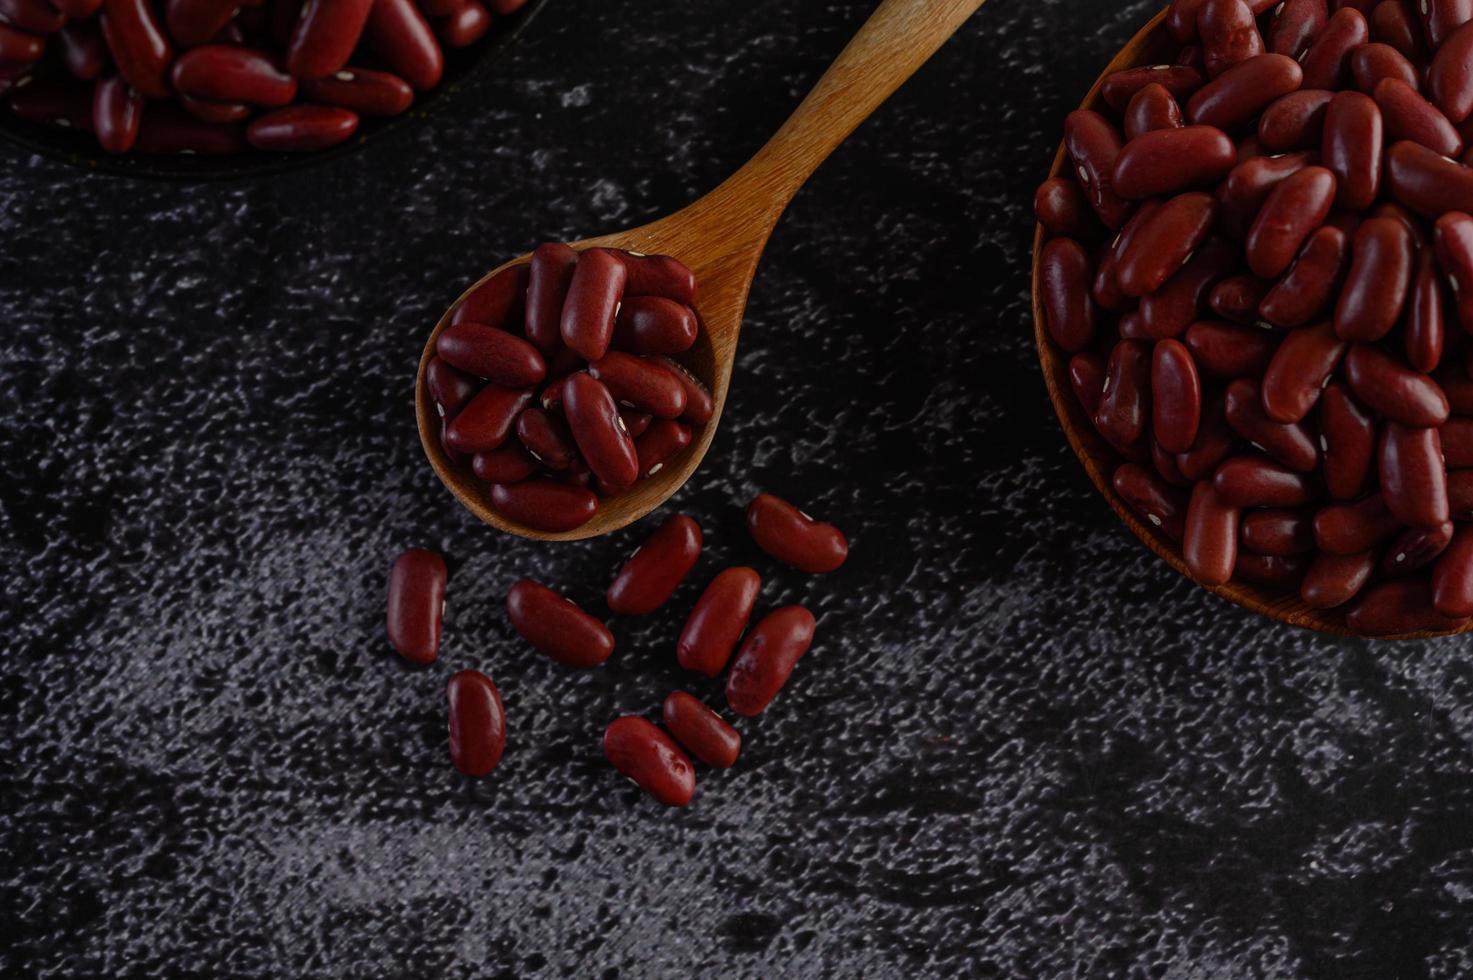 fagioli rossi in ciotole di legno sulla superficie della cucina nera foto